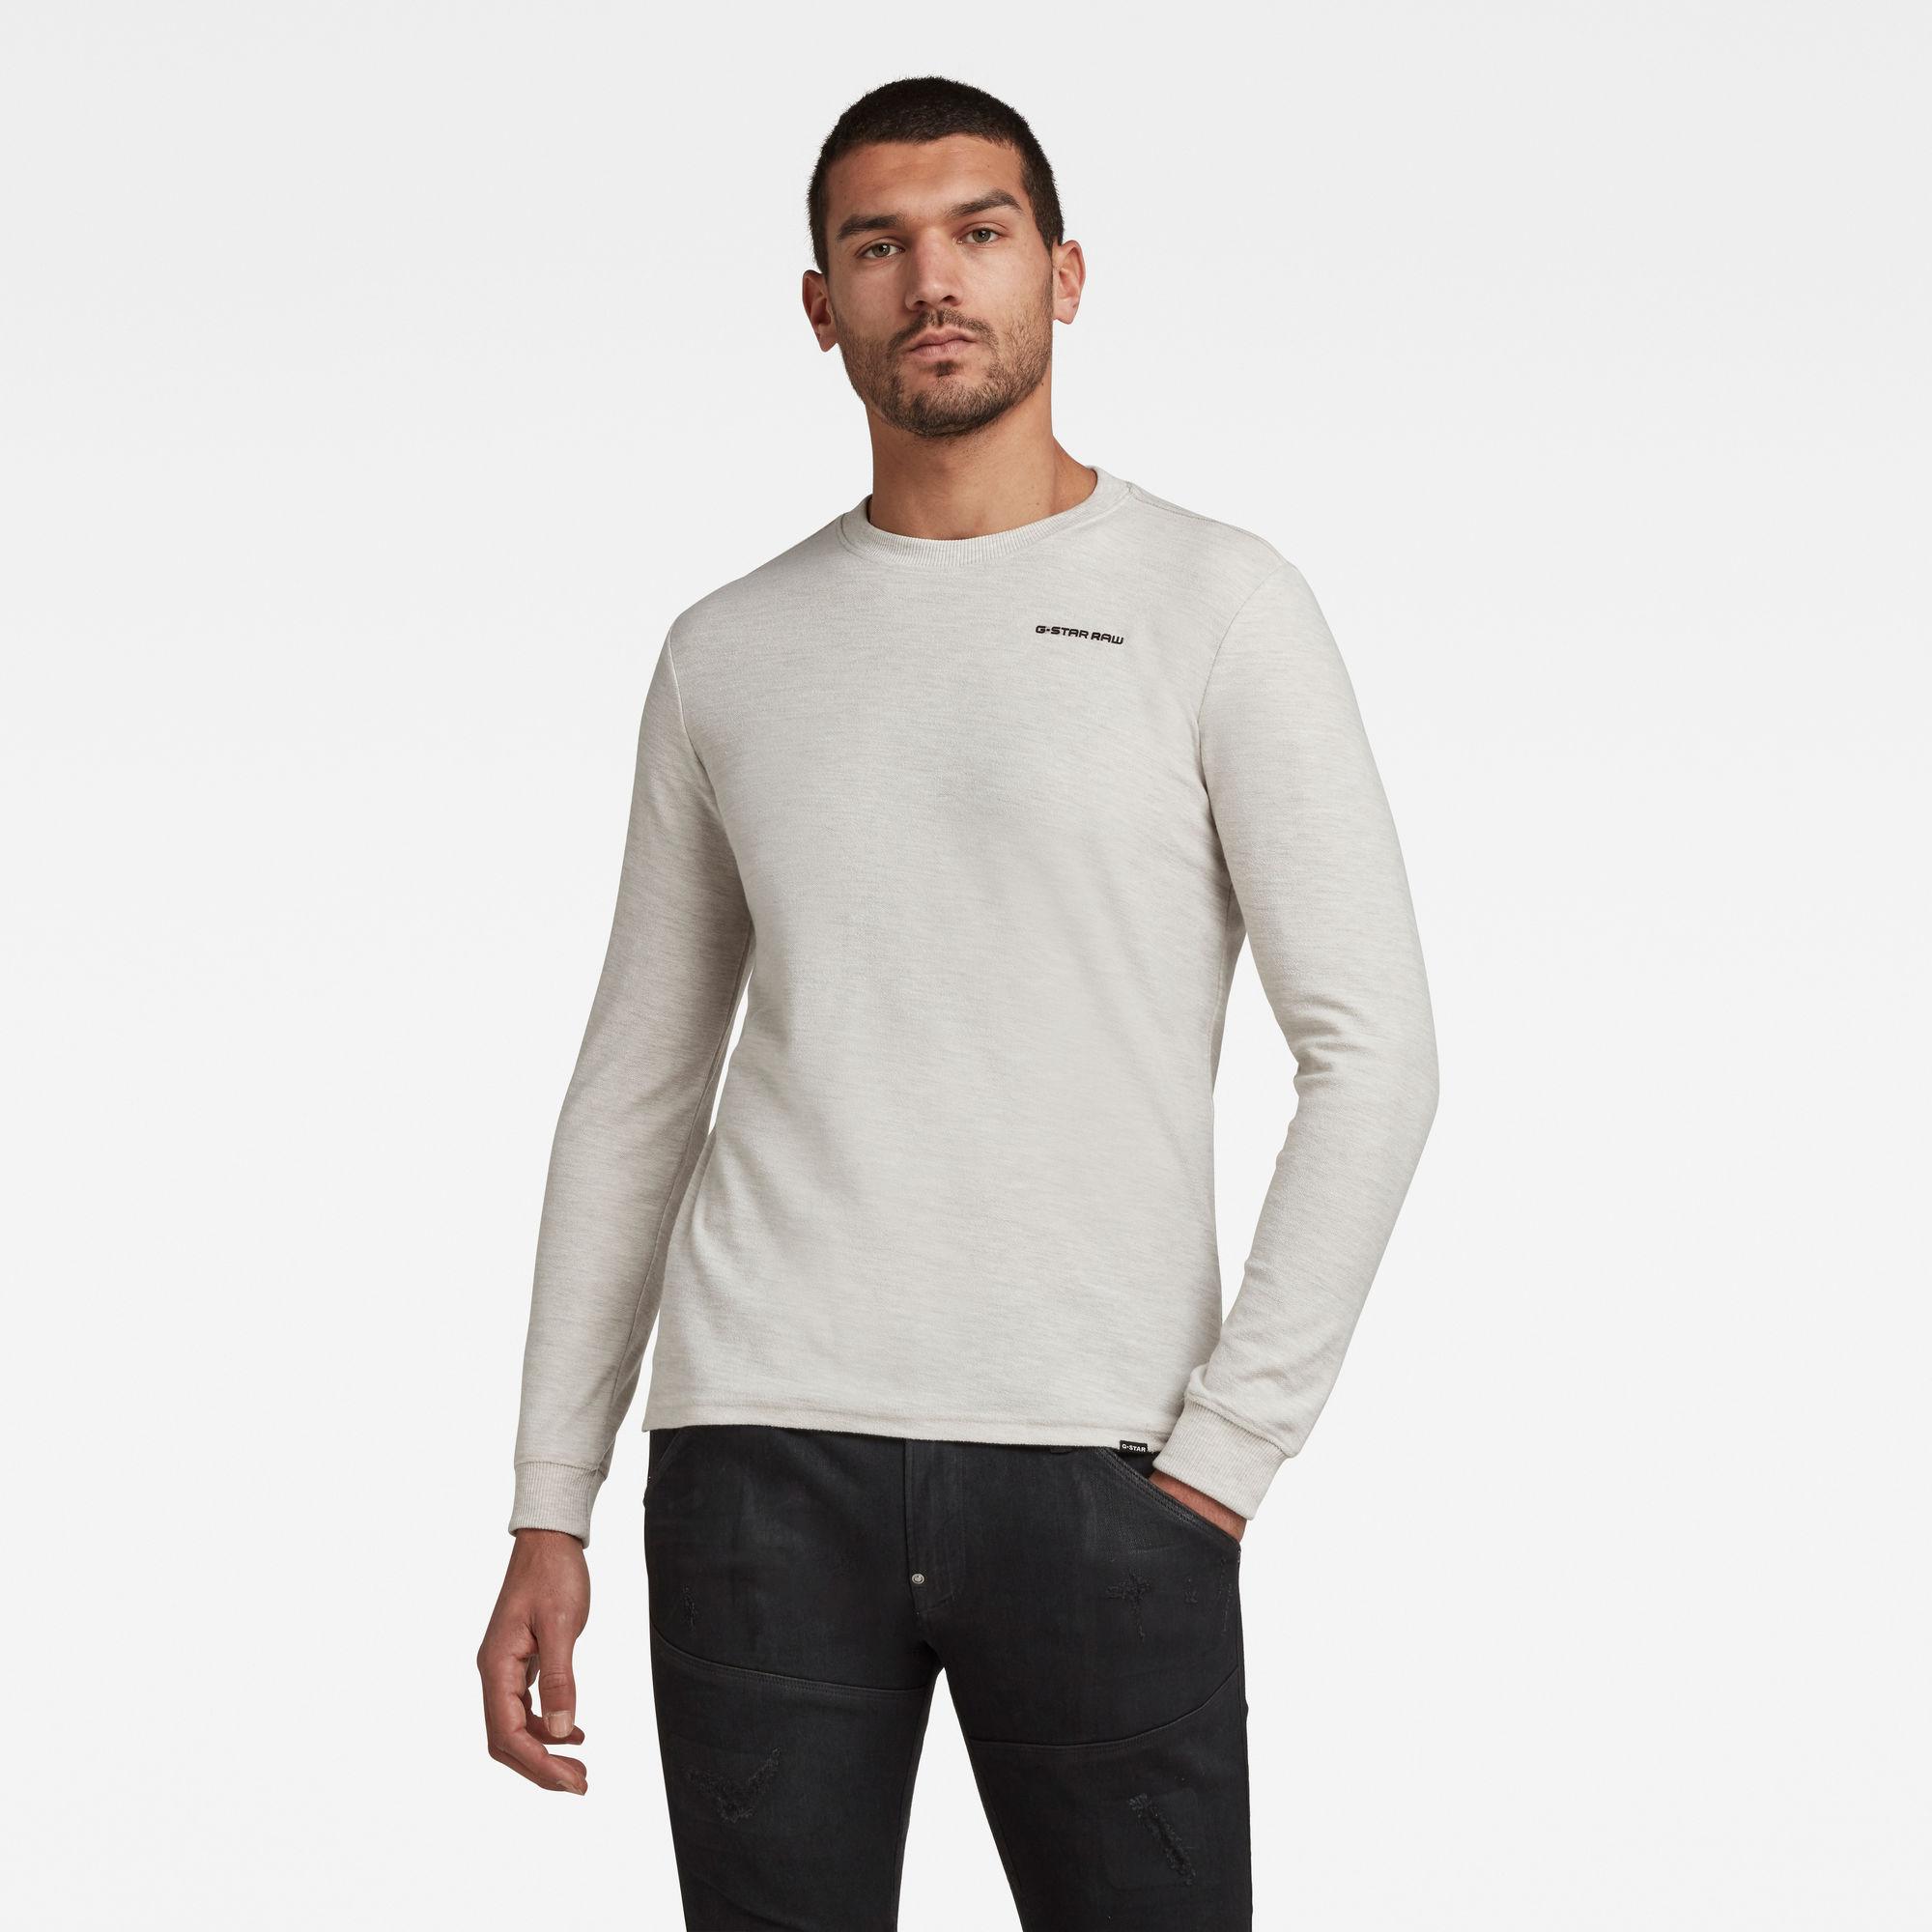 G-Star RAW Heren Textured Stitch Tweater Wit